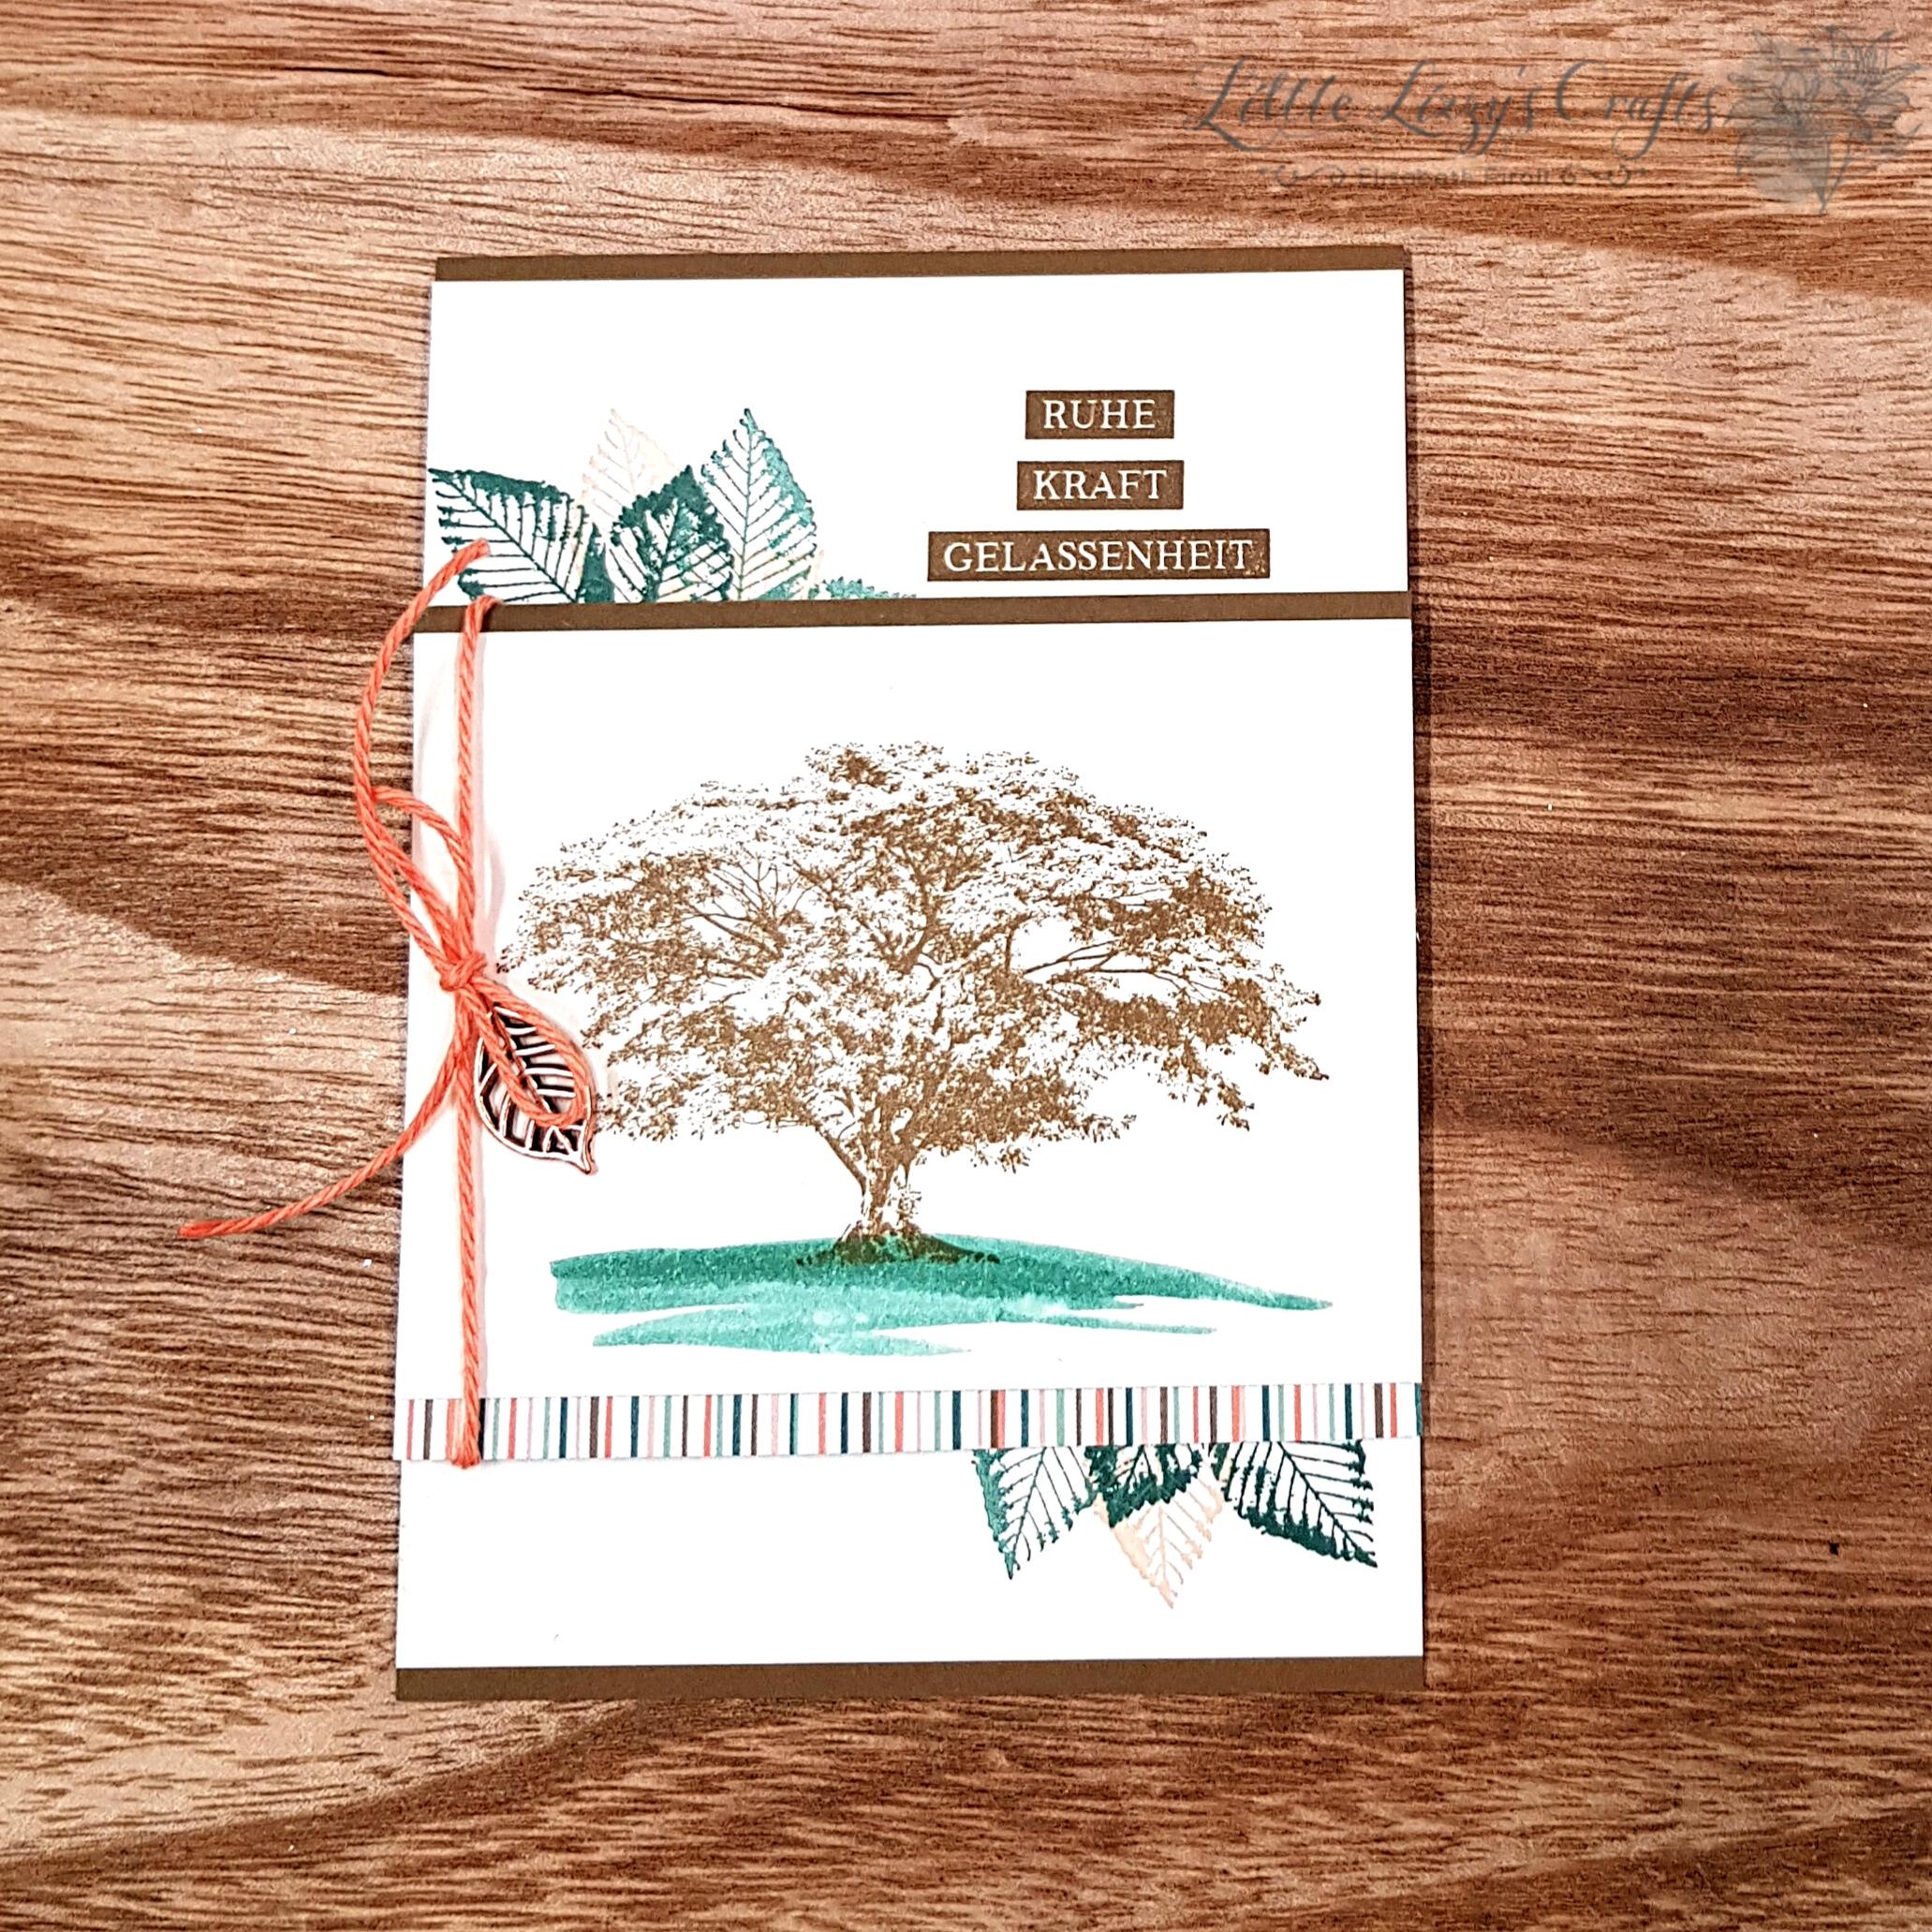 Poesie der Natur OnStage Präsentation Stampin' Up! Karte 1 Kraft der Natur